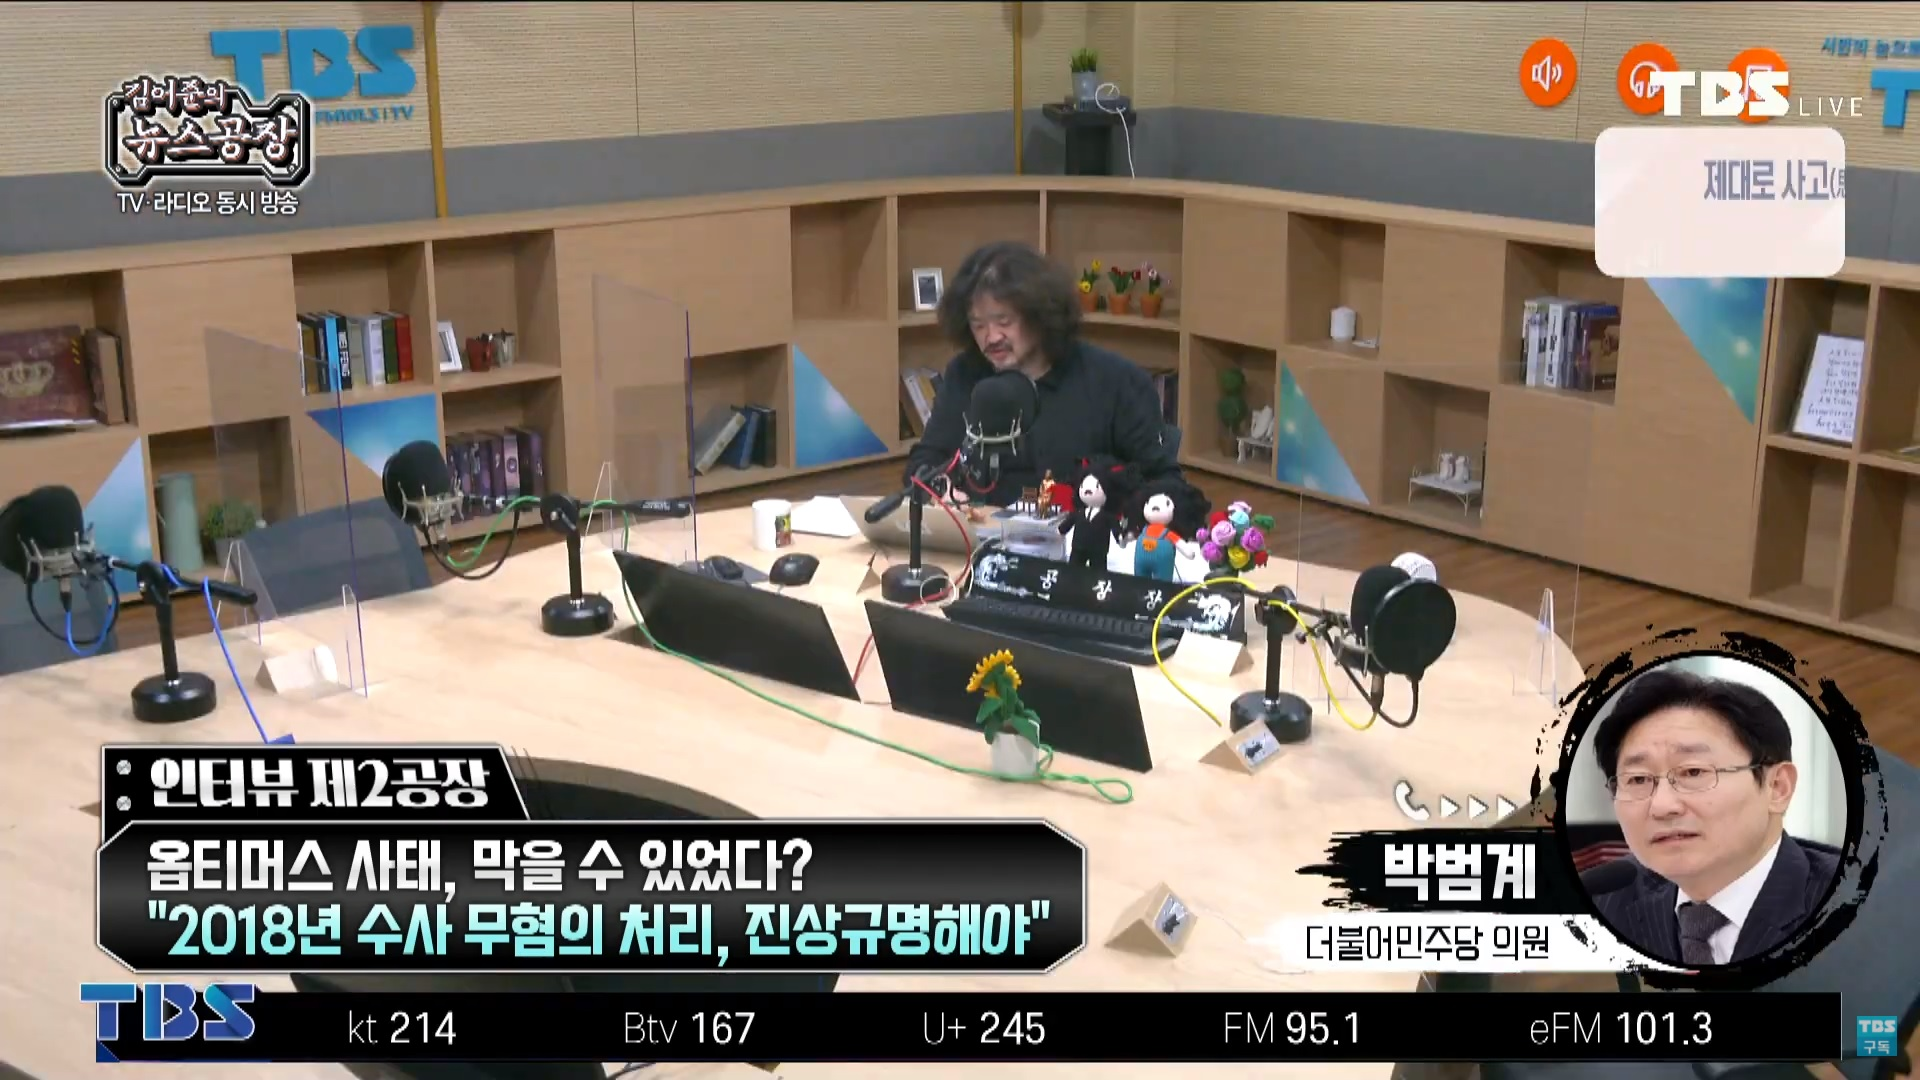 21일 TBS '김어준의 뉴스공장'과 인터뷰하는 박범계 의원